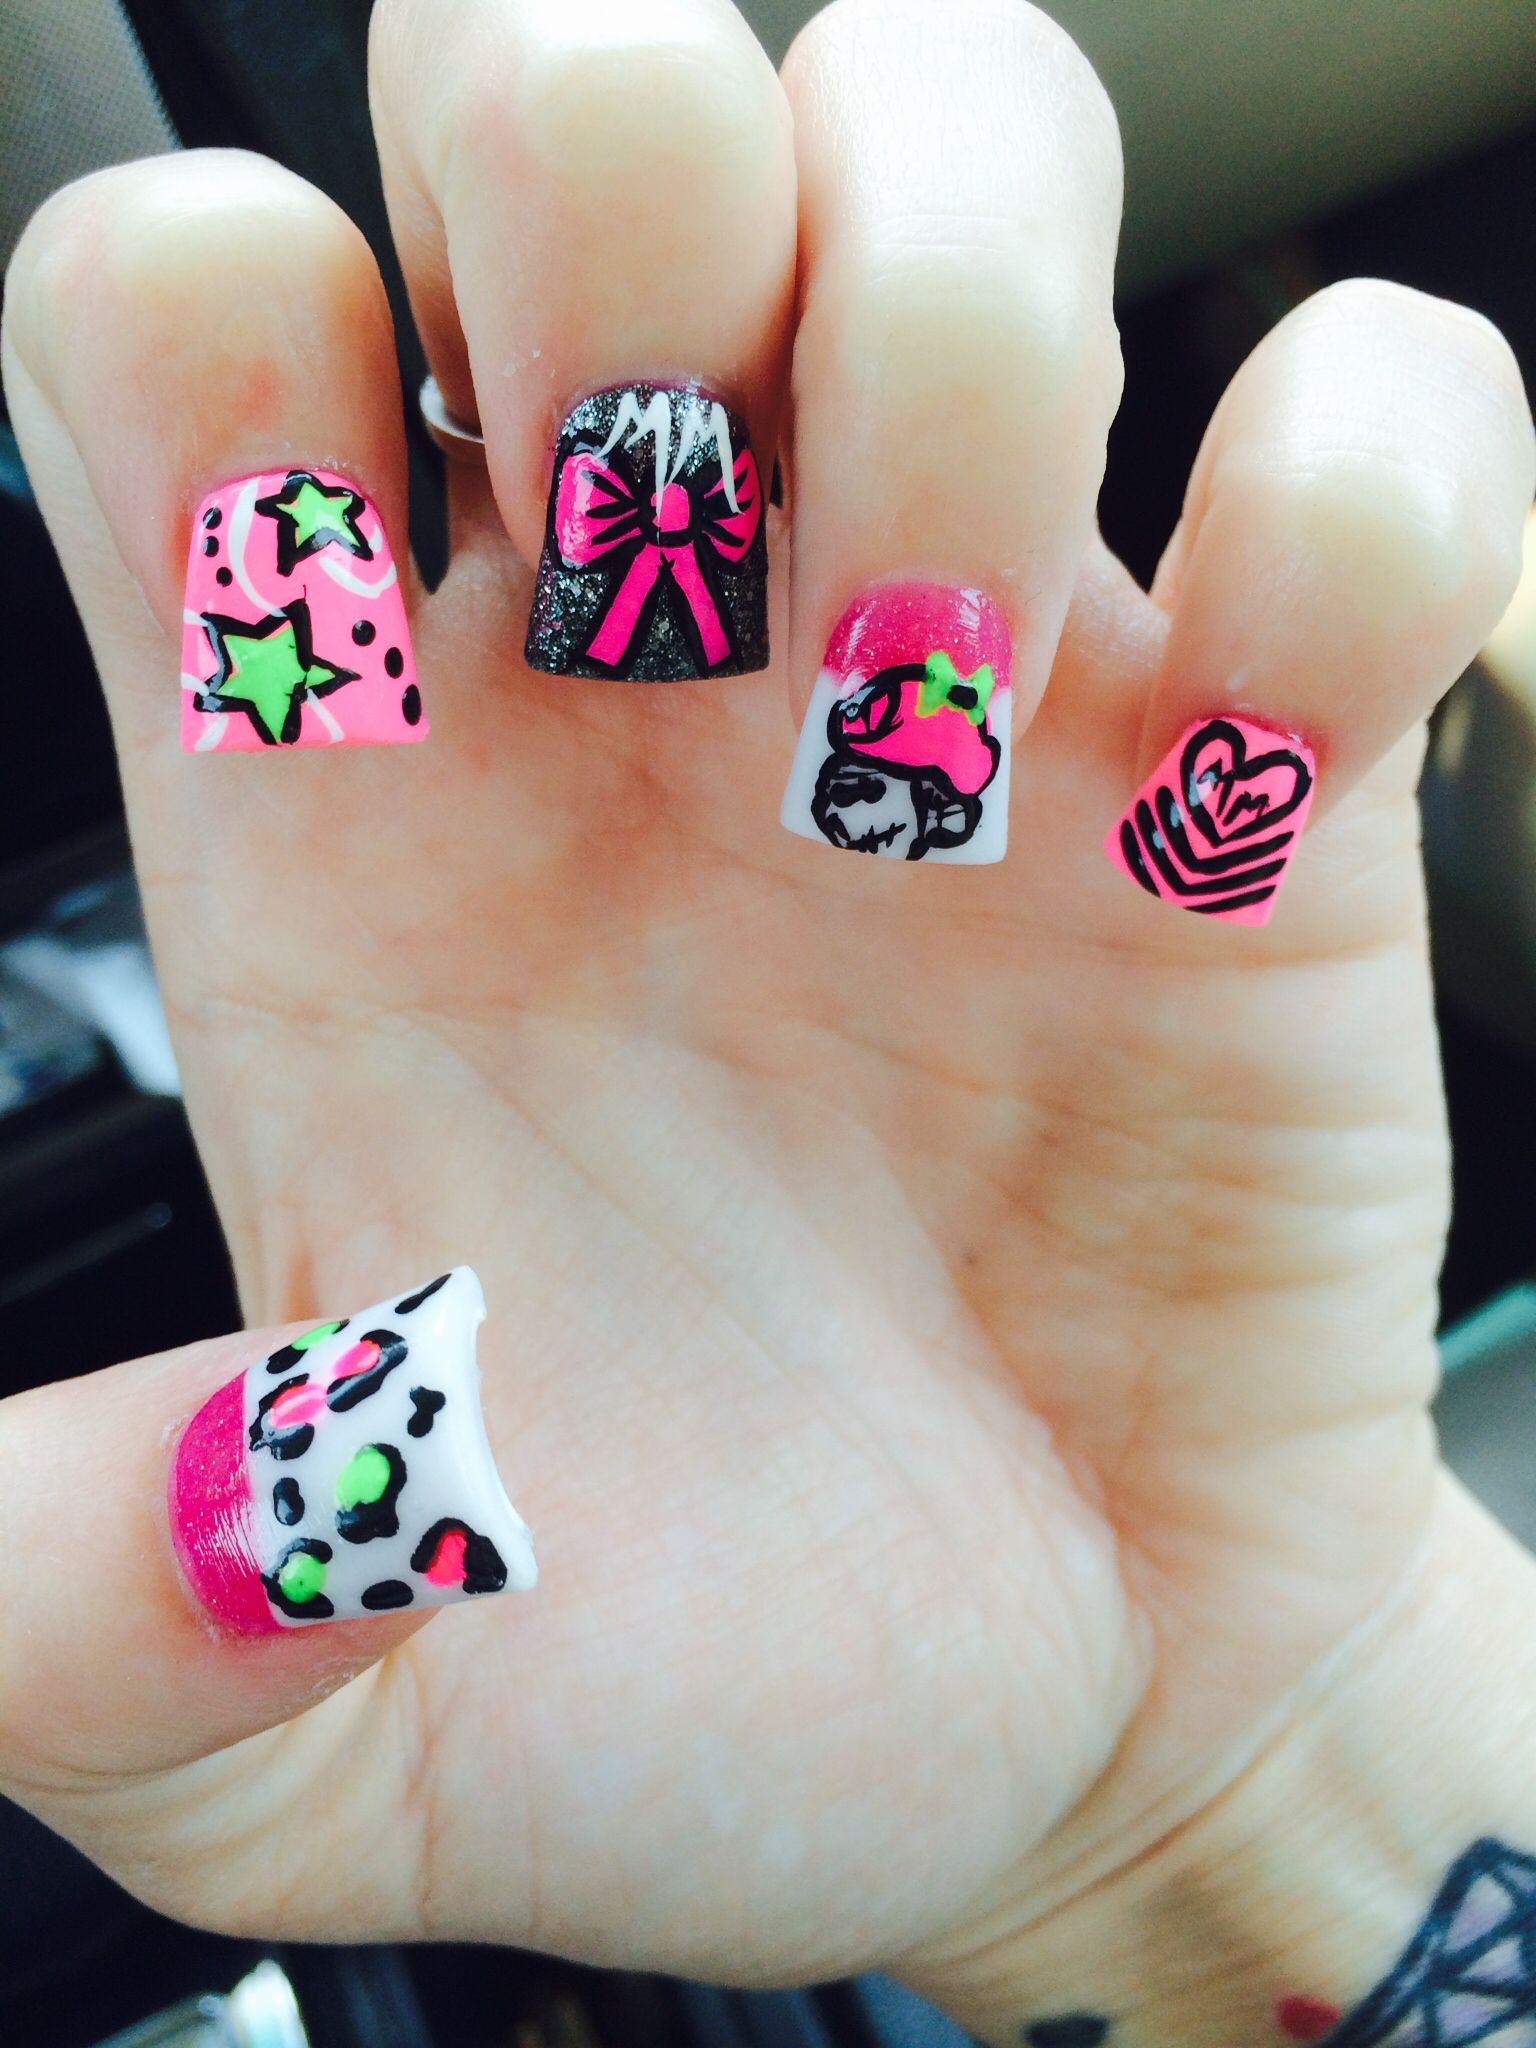 Metal Mulisha nails. So Cal nails. Bro Hoe nails. Badass nails. On ...